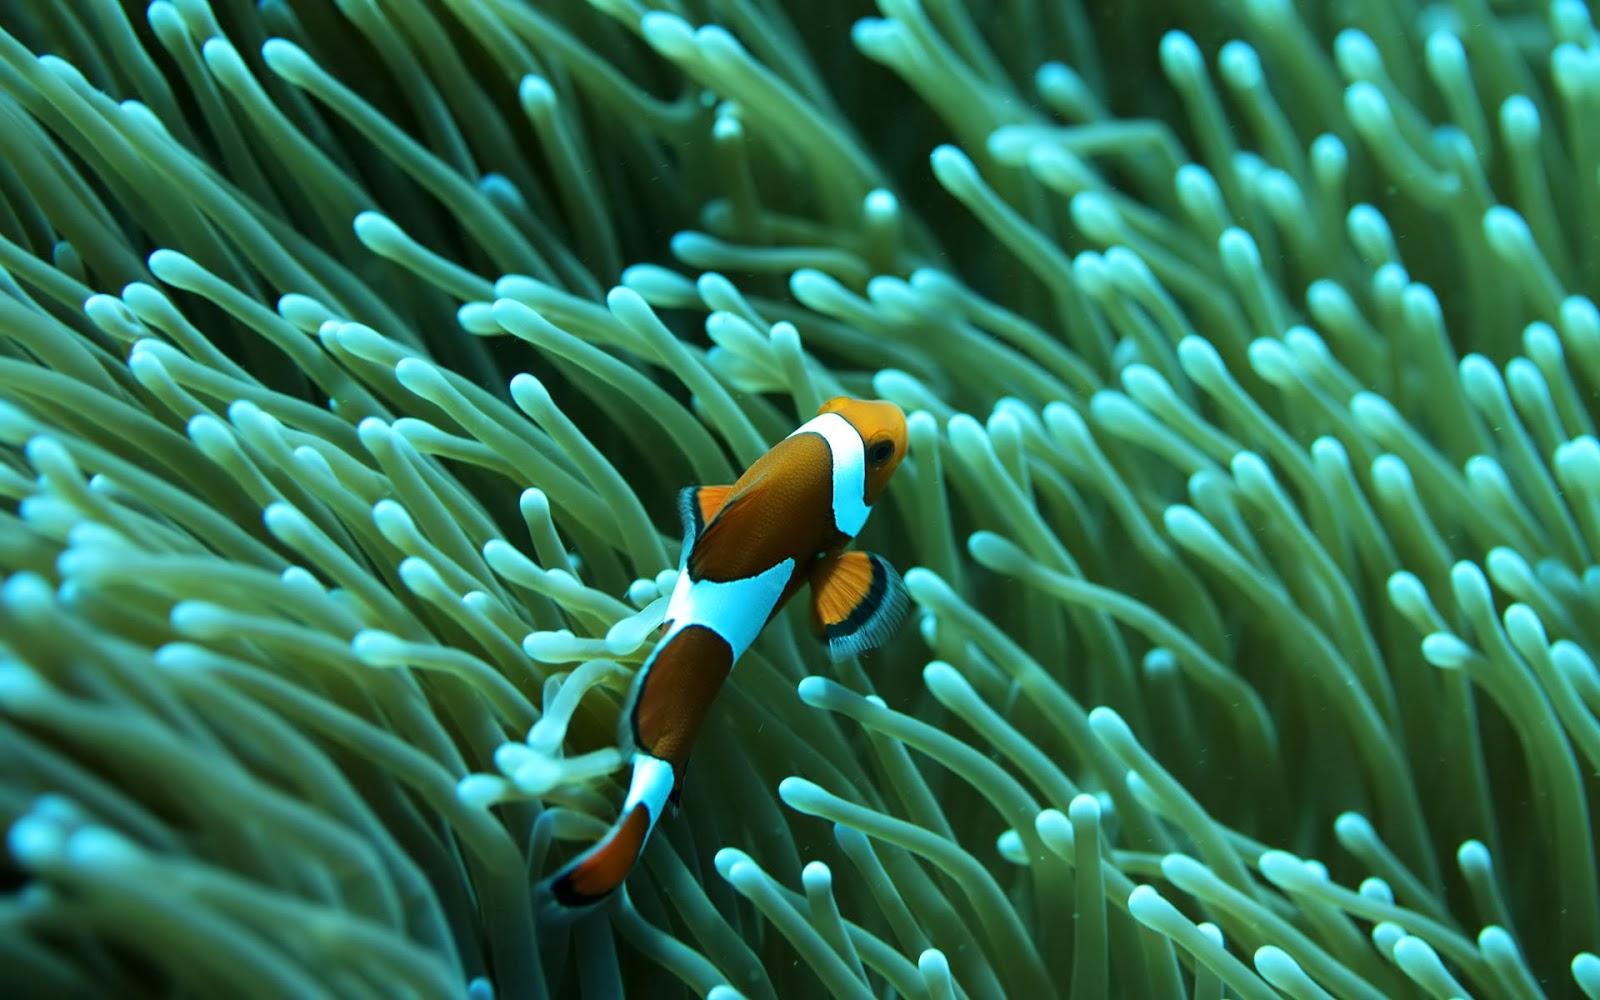 Fish for marine aquarium - Saltwater Aquarium Reef Fish Wallpaper Beautiful Desktop Wallpapers